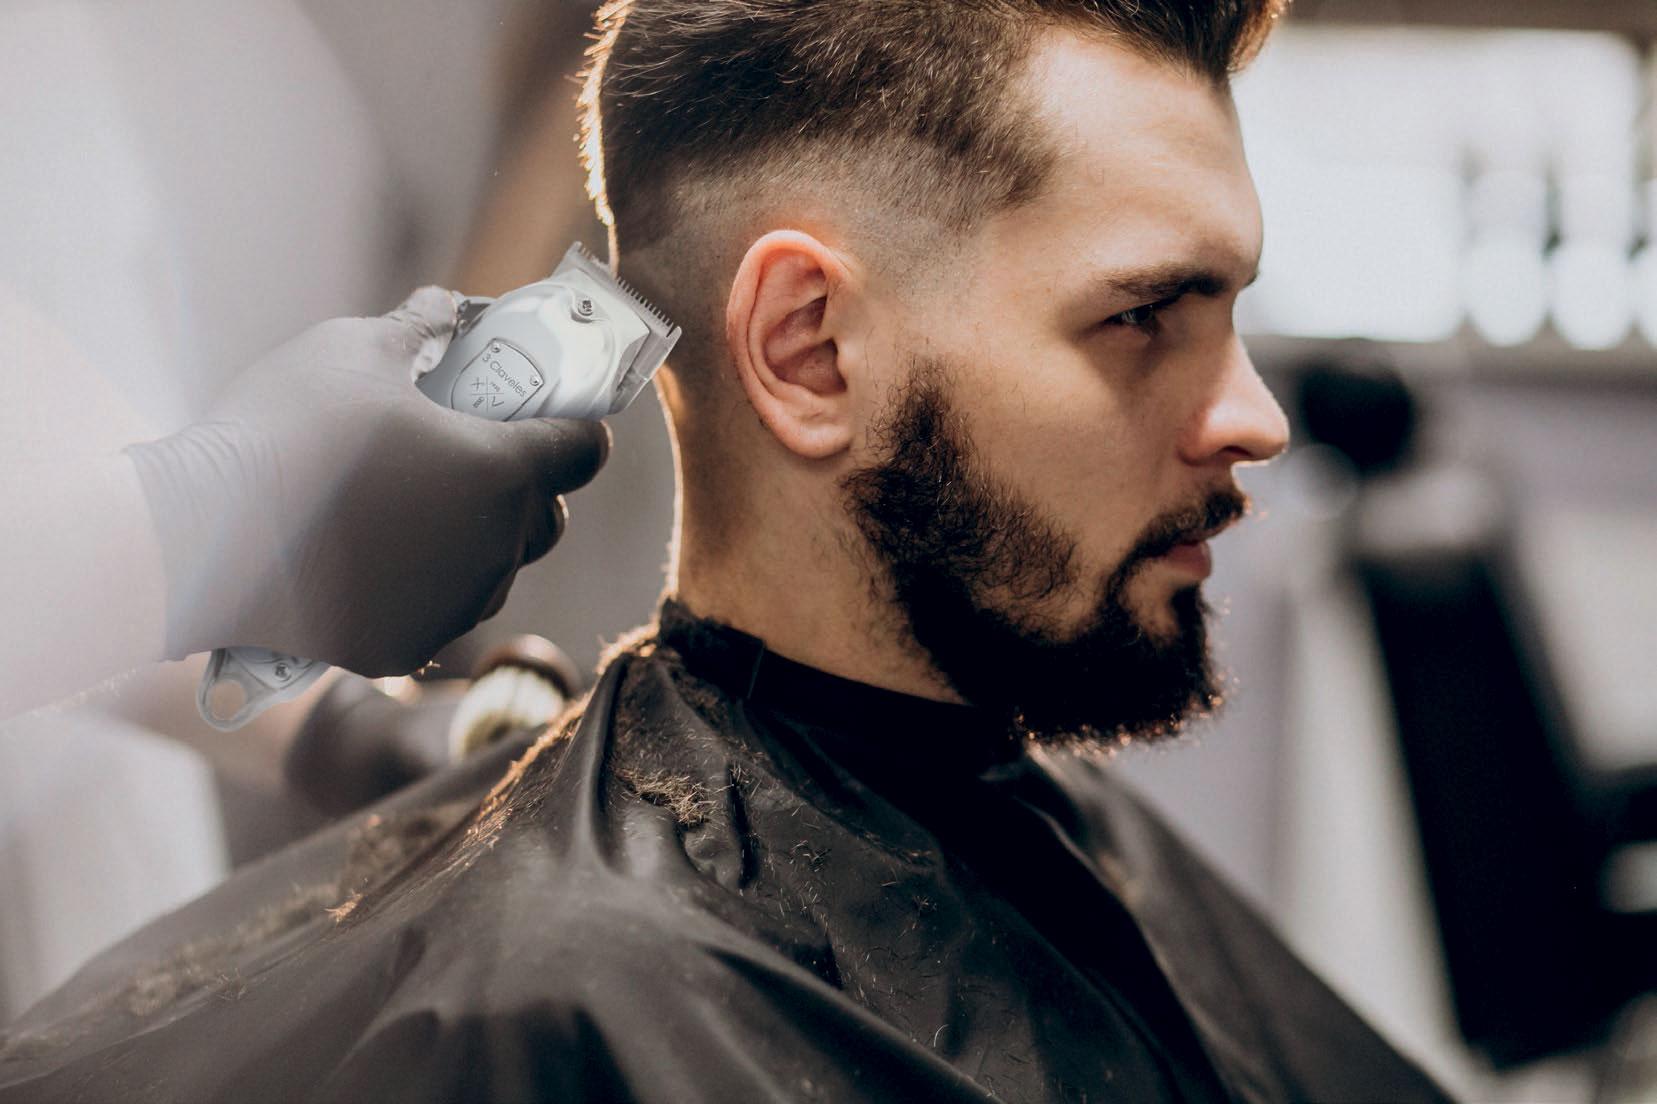 Maszynki do włosów i nie tylko - poznaj ofertę hurtowni fryzjerskiej! - Zdjęcie główne